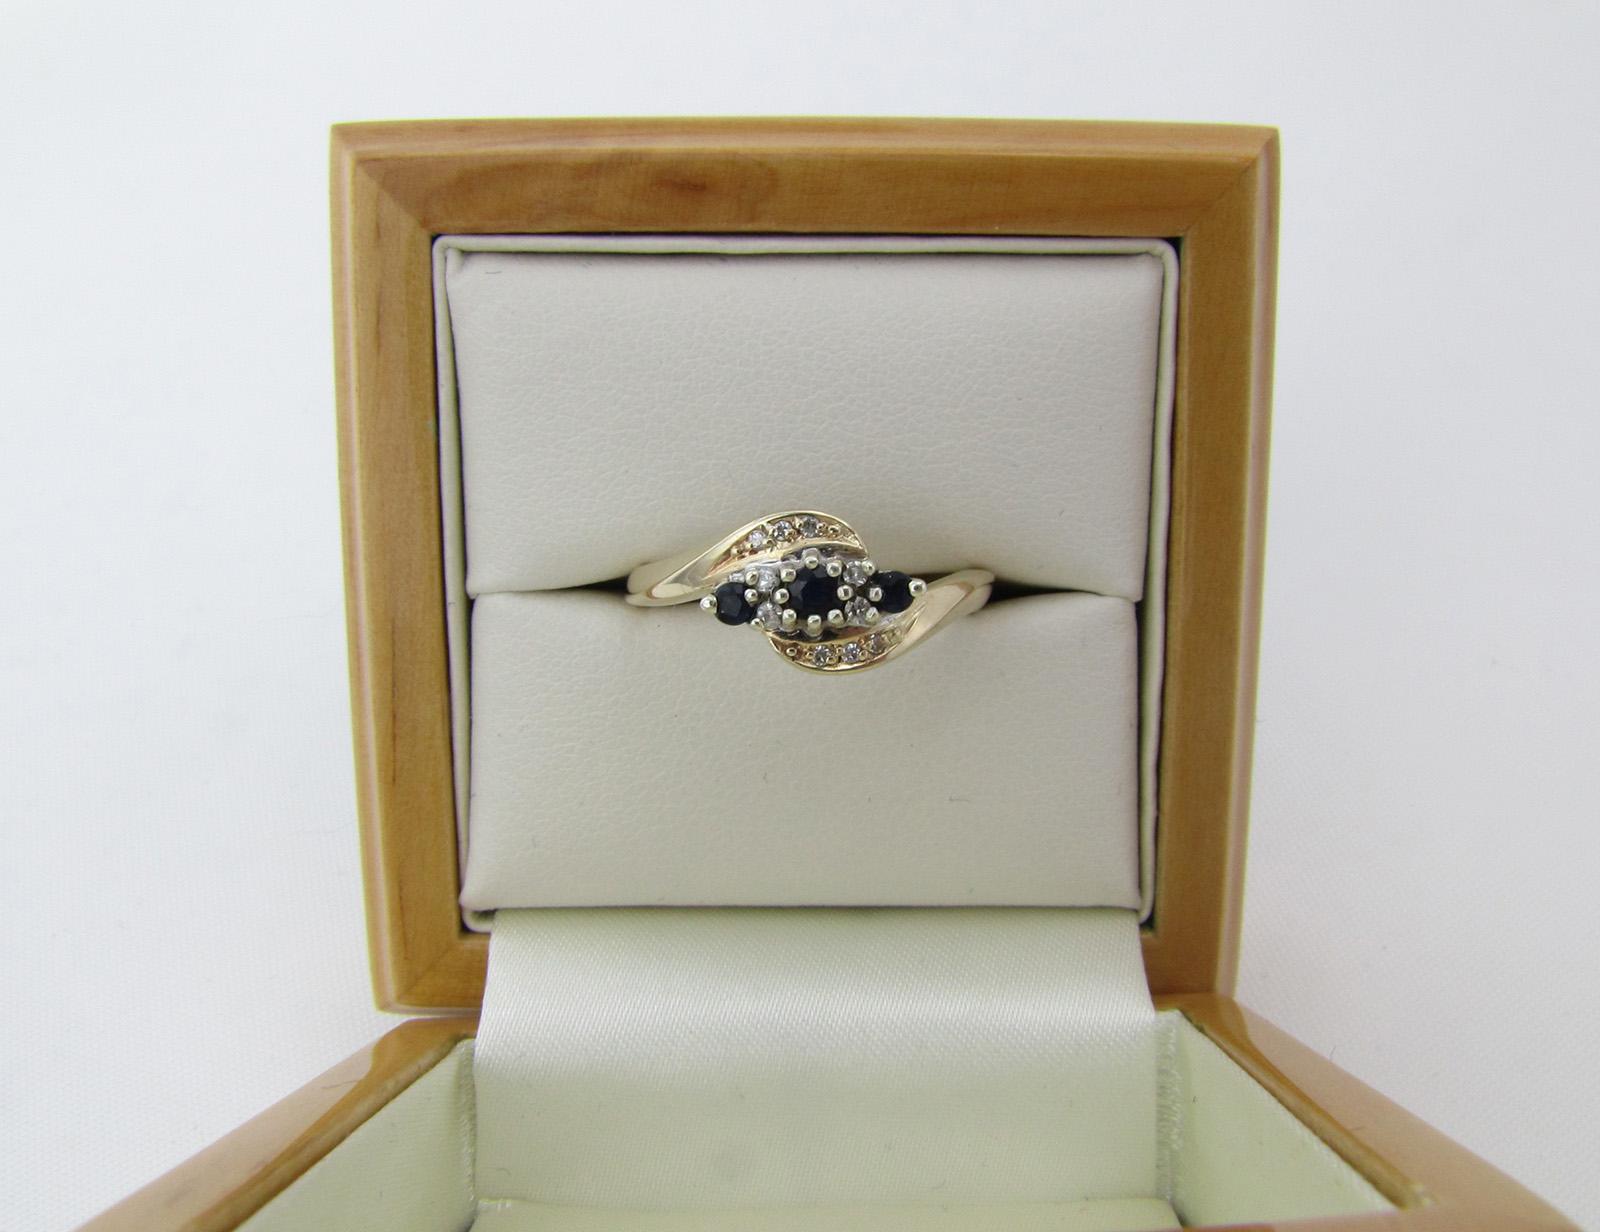 Vintage guldring med safir og diamanter